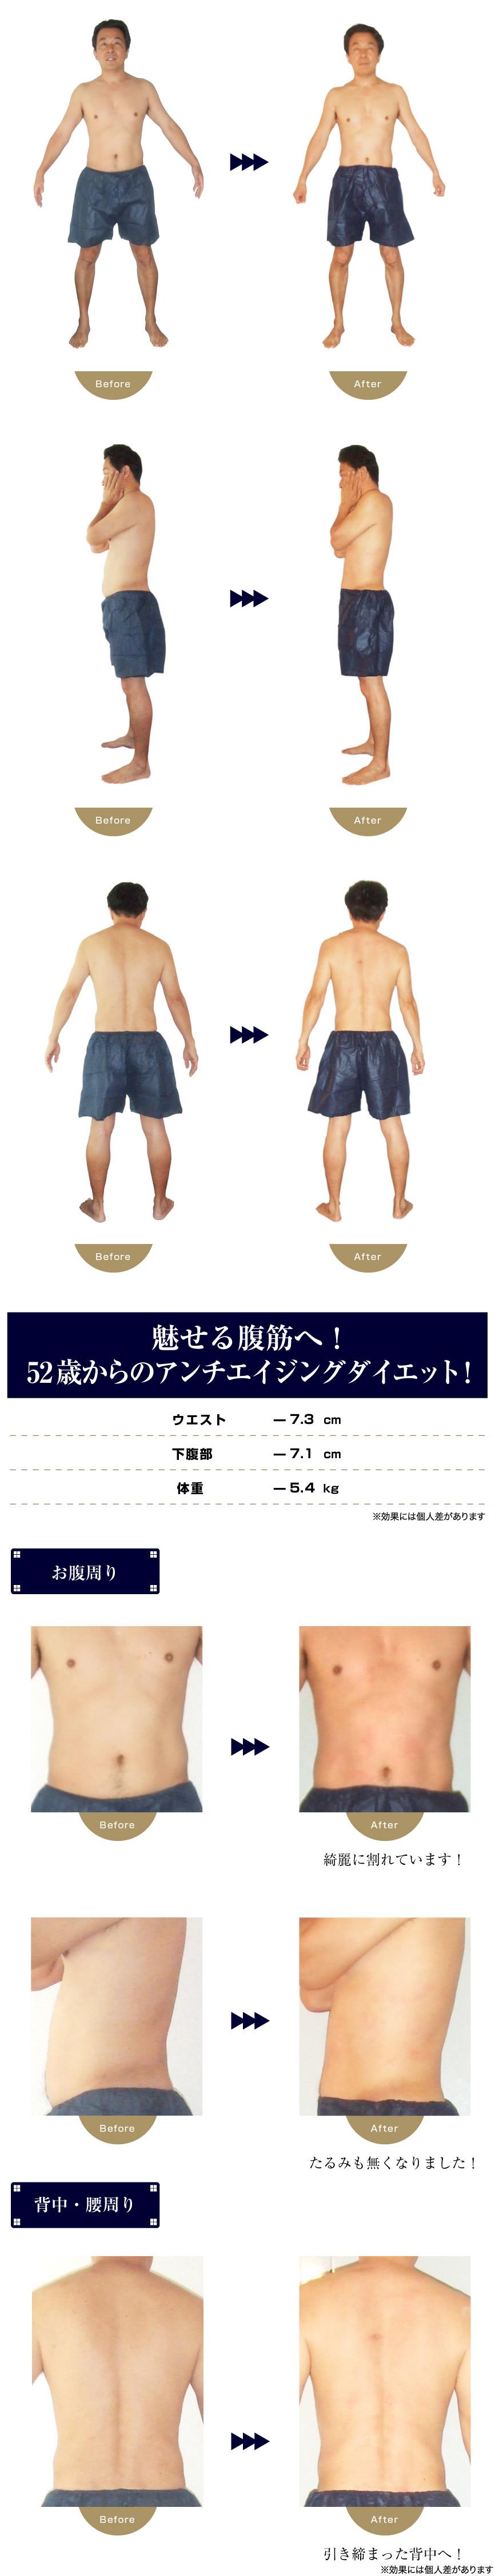 01:沢田幸治様